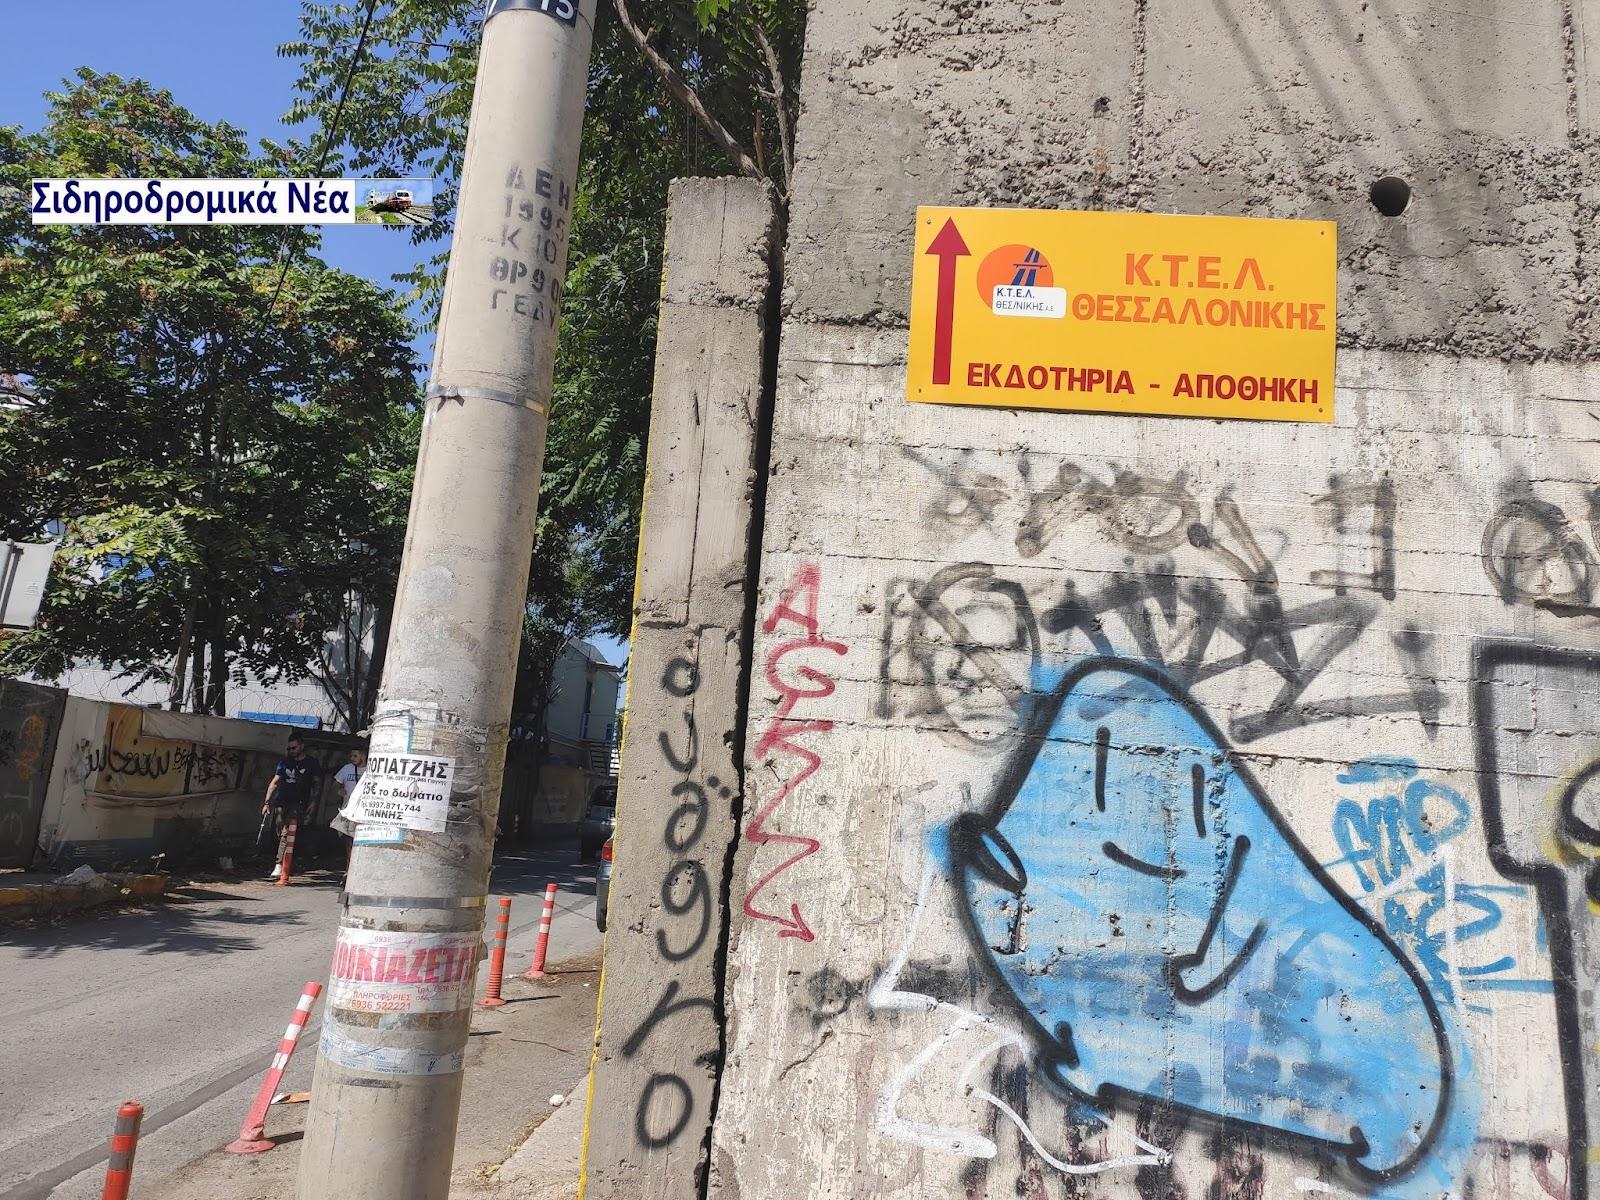 Τοιχίο κίνδυνος – Θάνατος στα ανατολικά του σιδηροδρομικού σταθμού Θεσσαλονίκης. Εικόνες. - Φωτογραφία 1